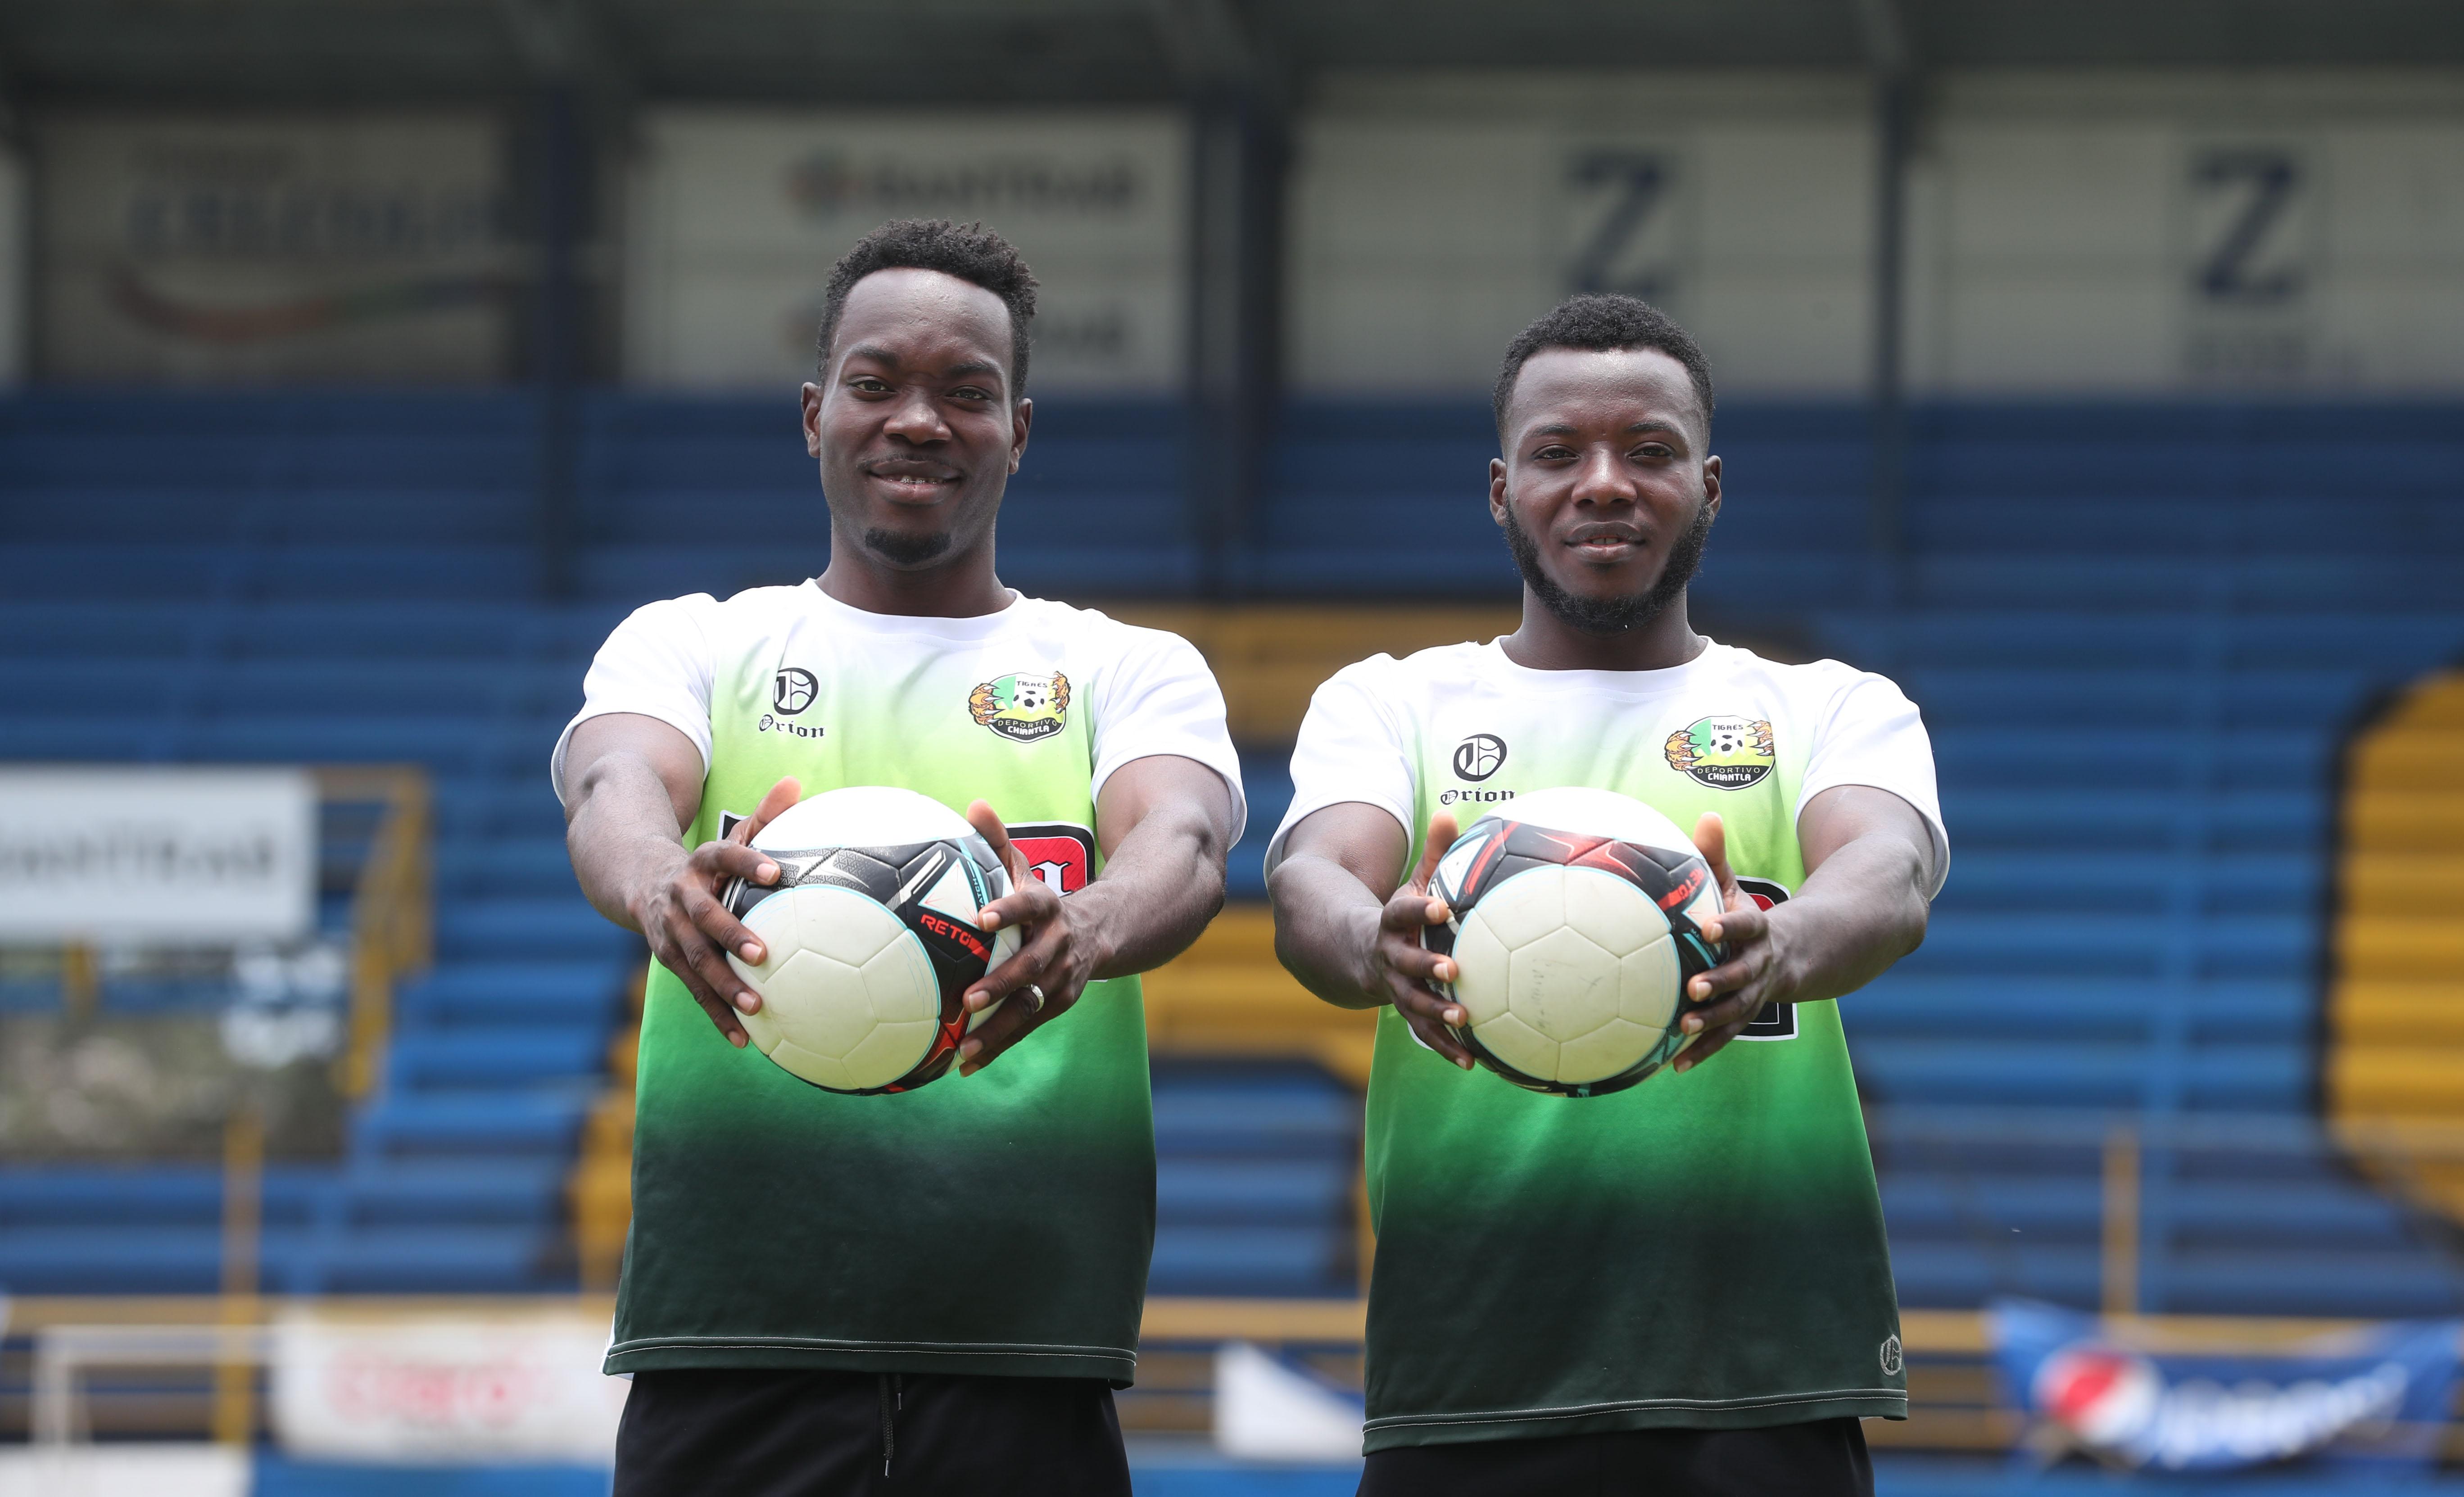 Los hermanos Nathan y Kerivn García representan con orgullo a Deportivo Chiantla. (Foto Prensa Libre: Edwin Fajardo)